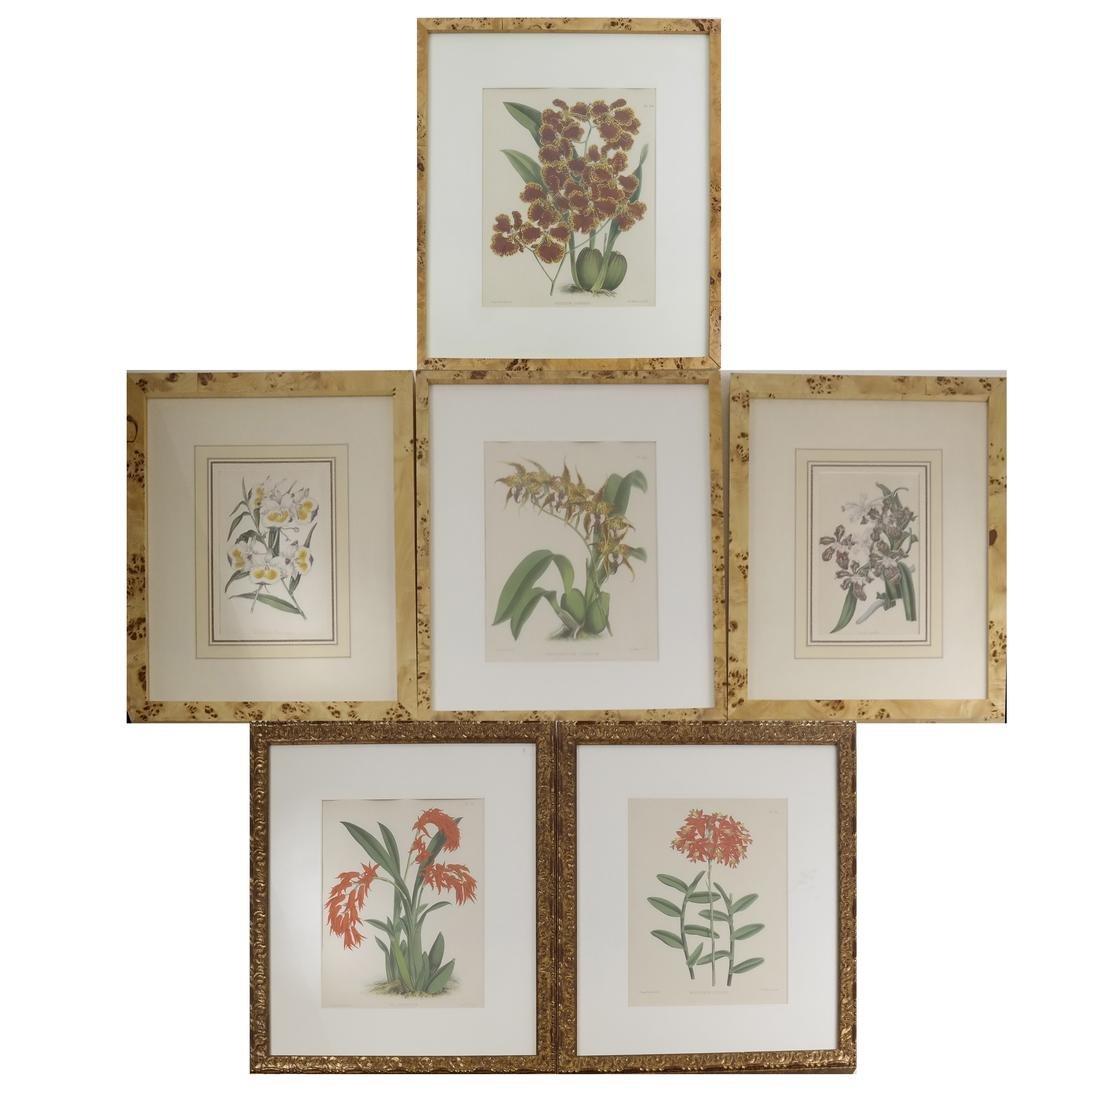 Six Hand-Colored Botanical Prints